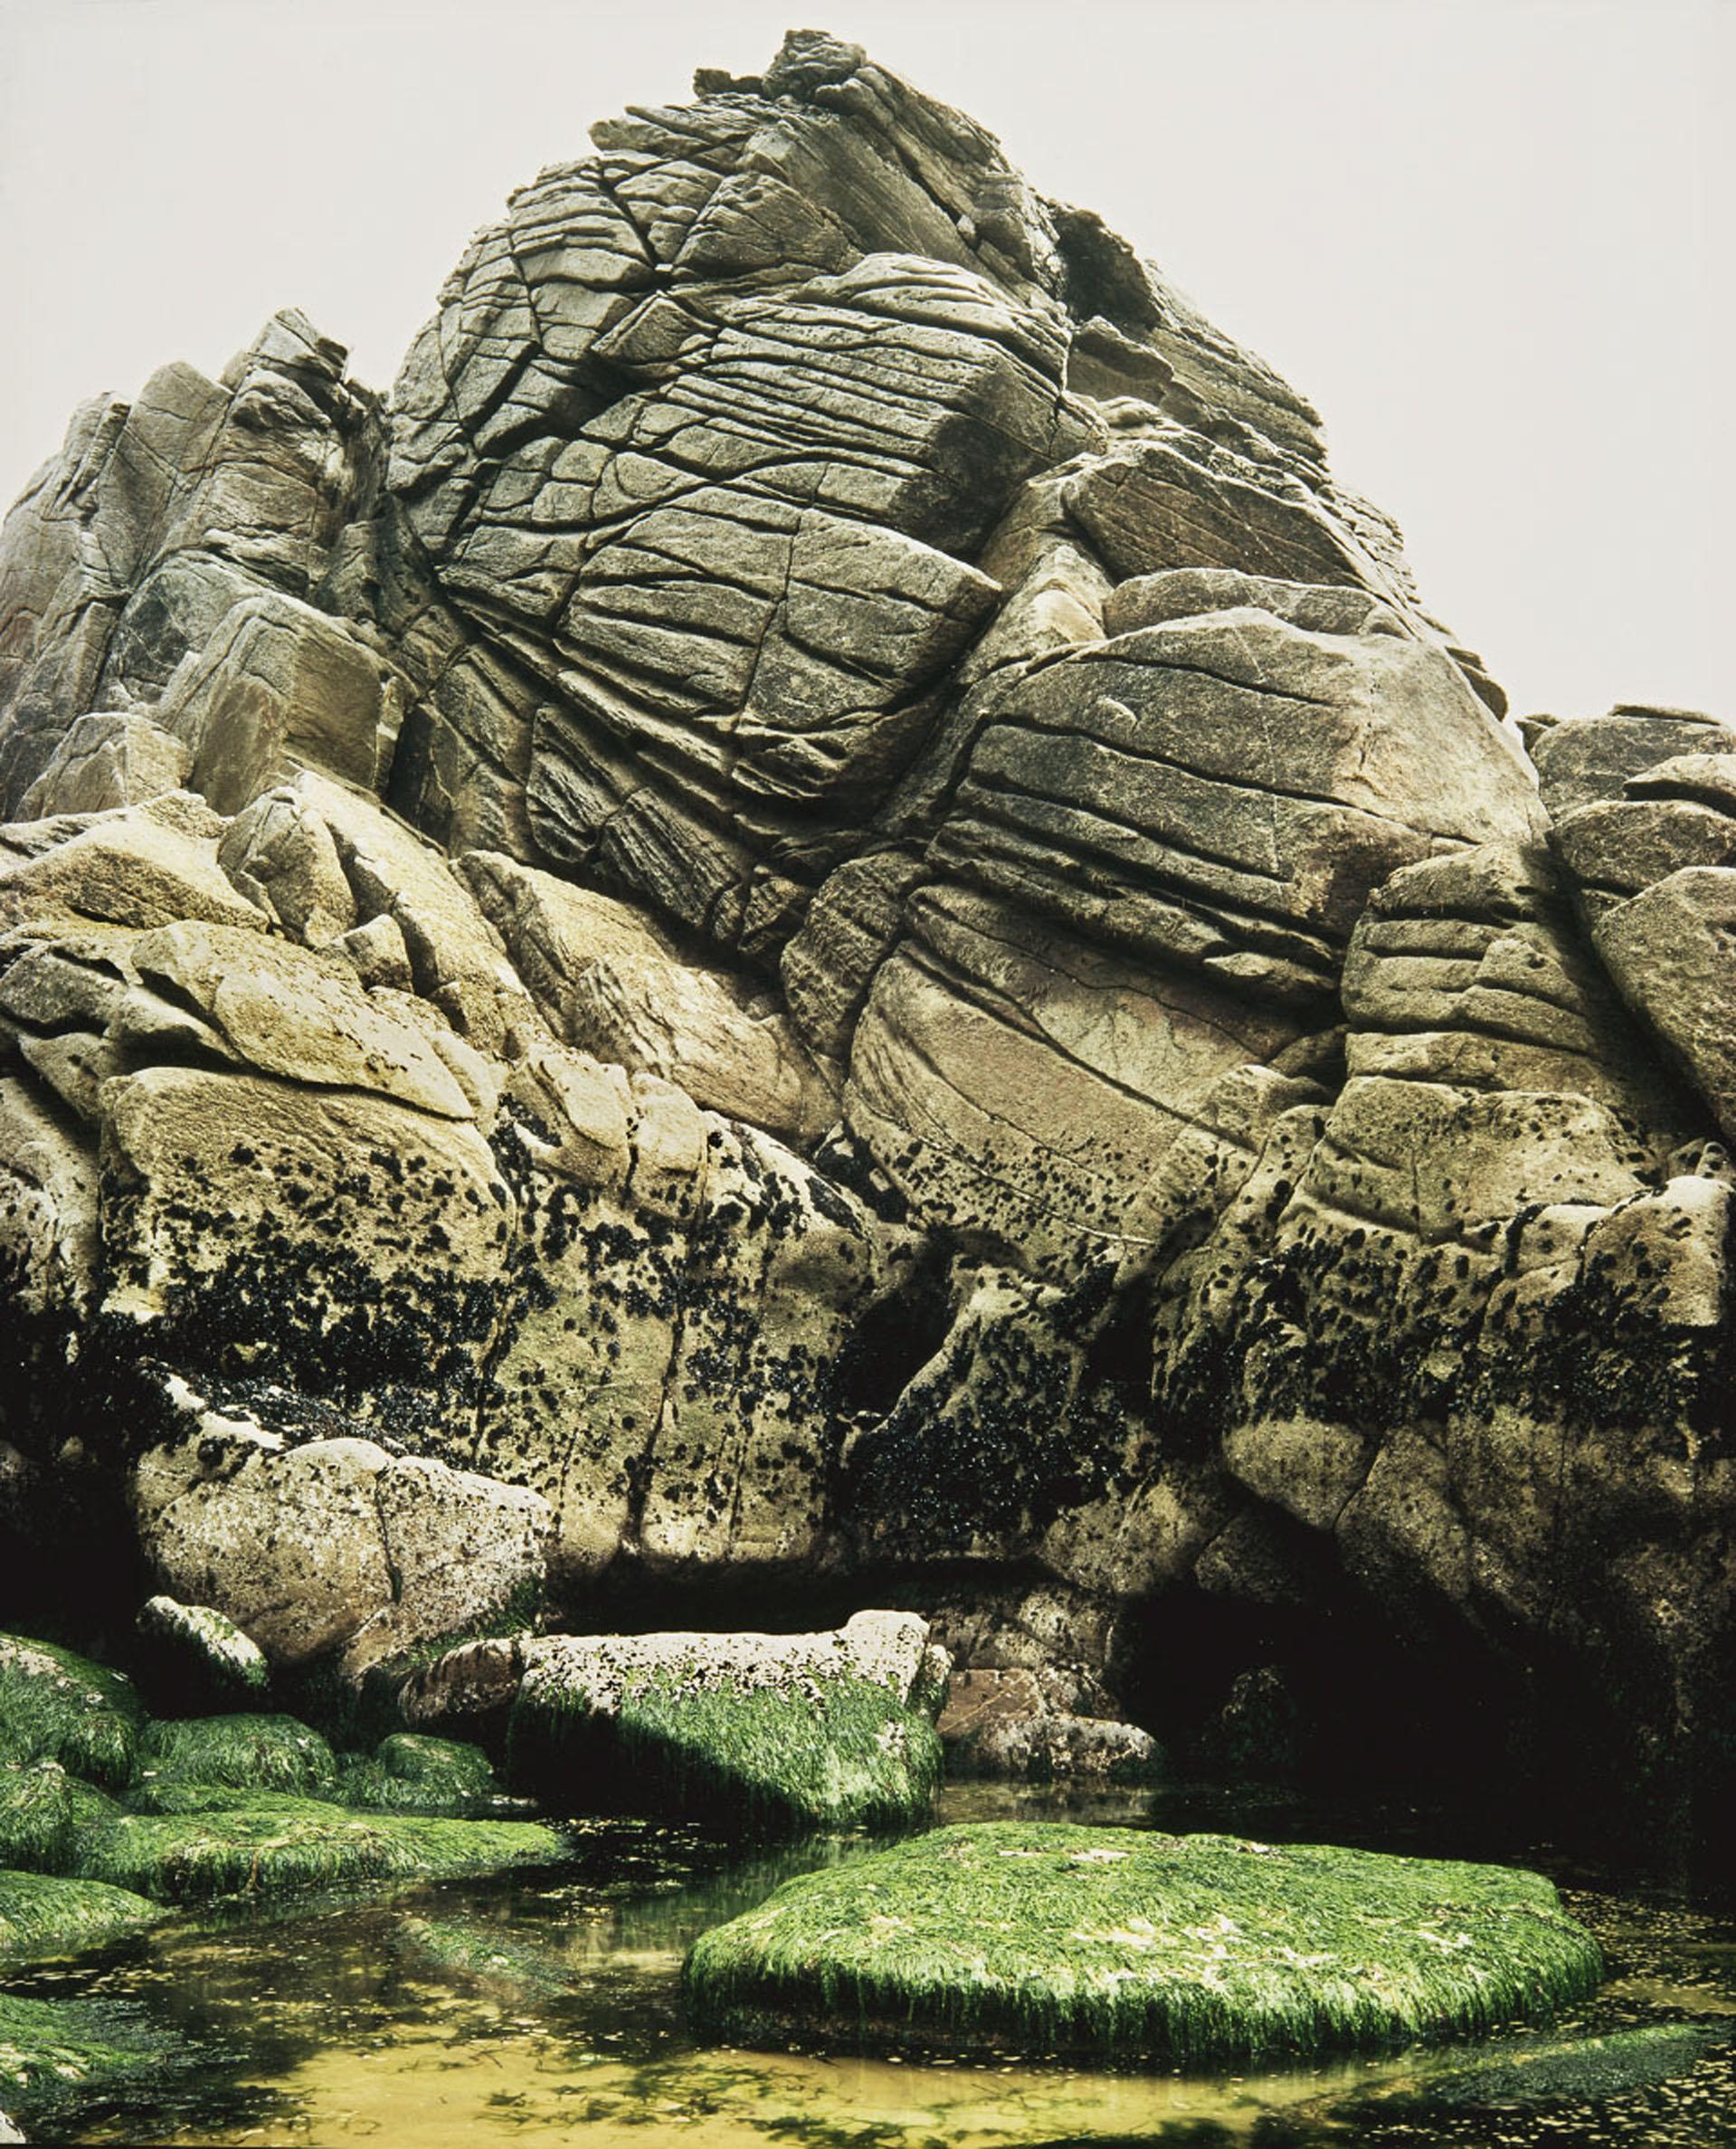 Niggi Messerli: Bretagne 1974, 4/5 Inch Ektachrome